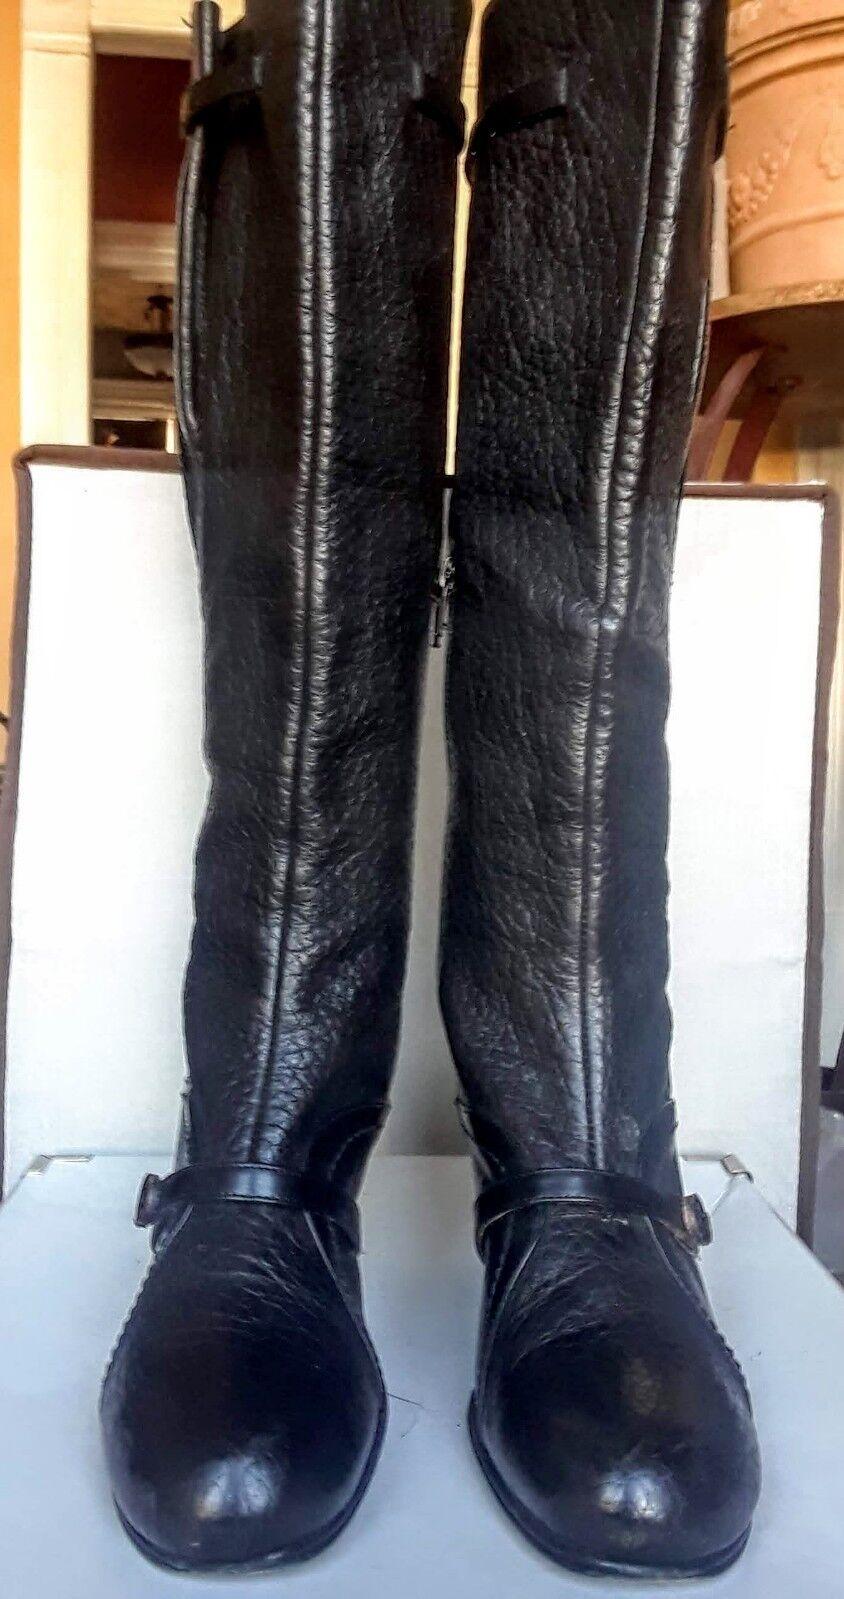 marchi di moda Limited Limited Limited Edition Paolo Lantorno nero leather stivali Dimensione 38  fornire un prodotto di qualità